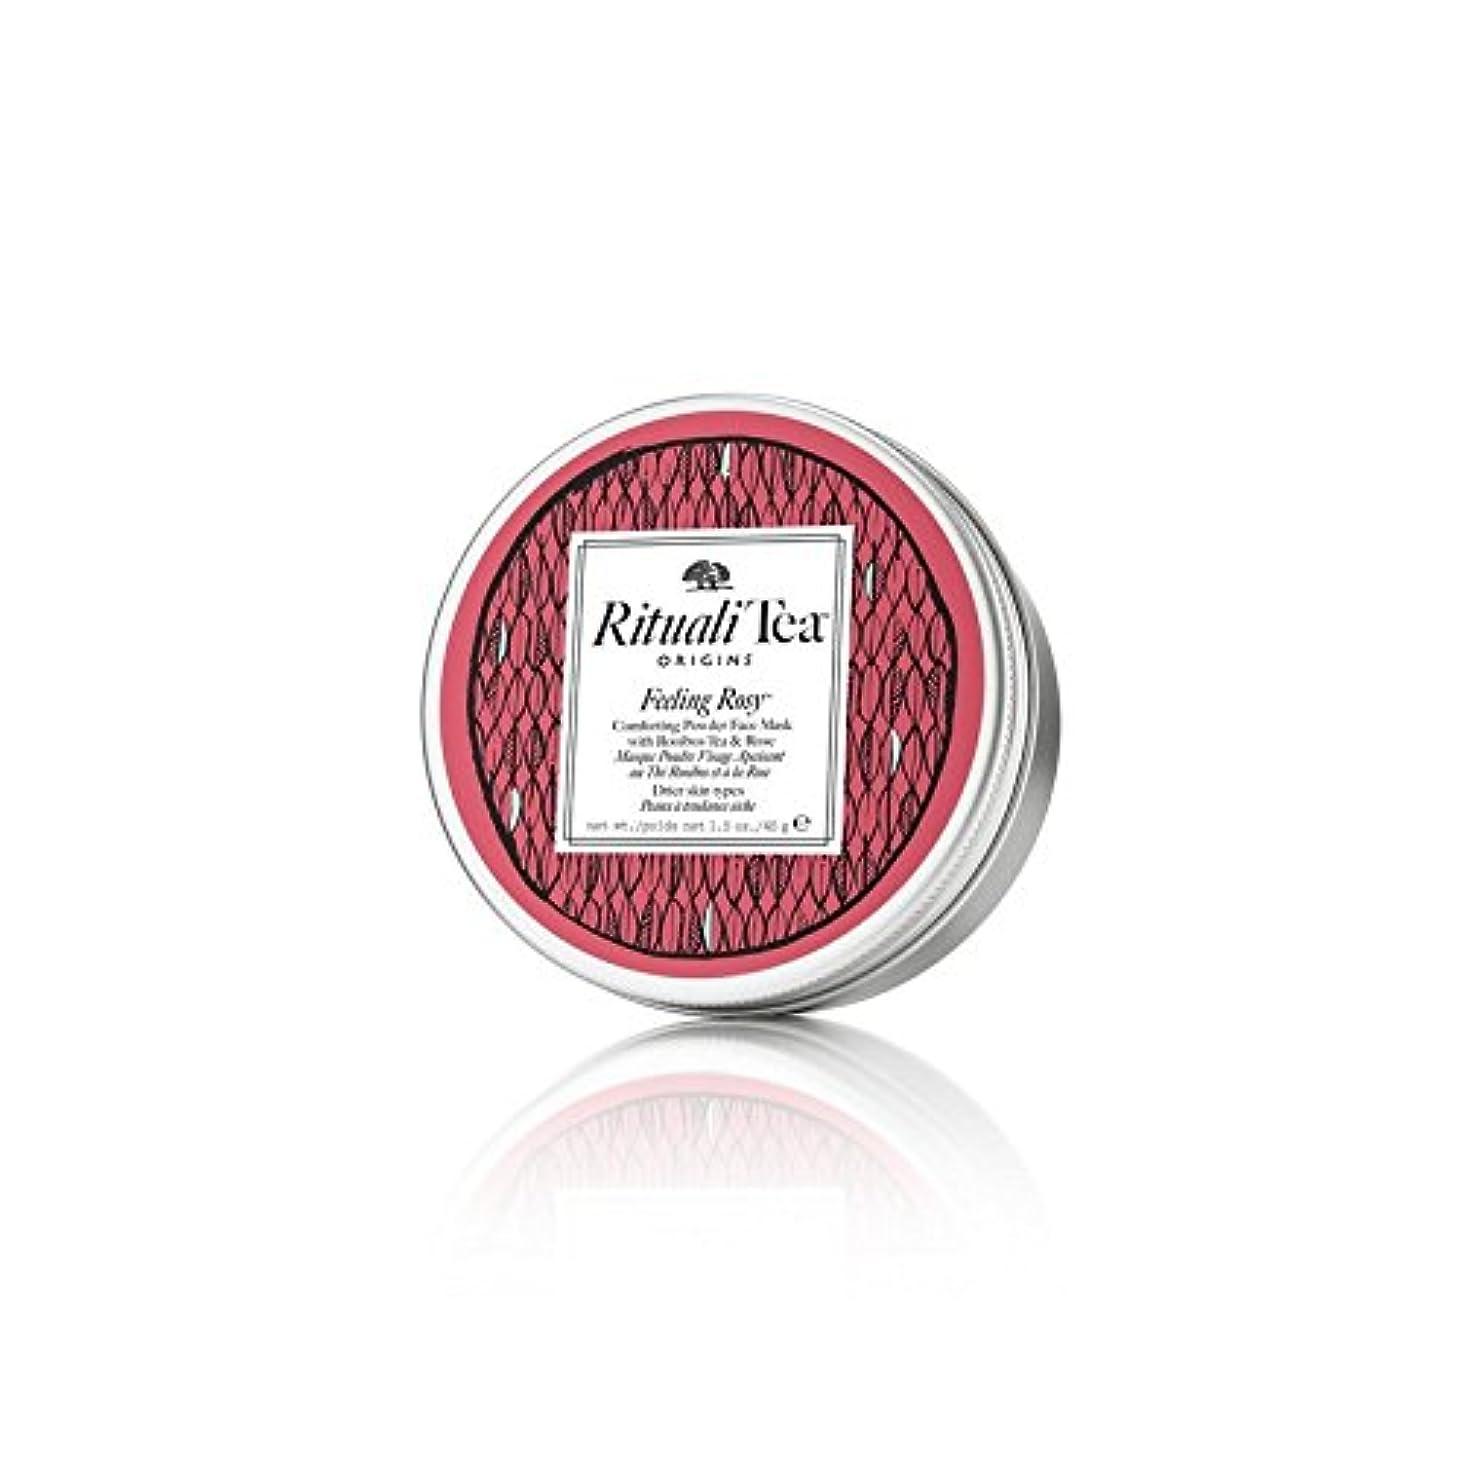 価値アルプス有効Origins Powdered Tea Face Mask Feeling Rosy 45g - バラ色の45グラムを感じ起源抹茶のフェイスマスク [並行輸入品]